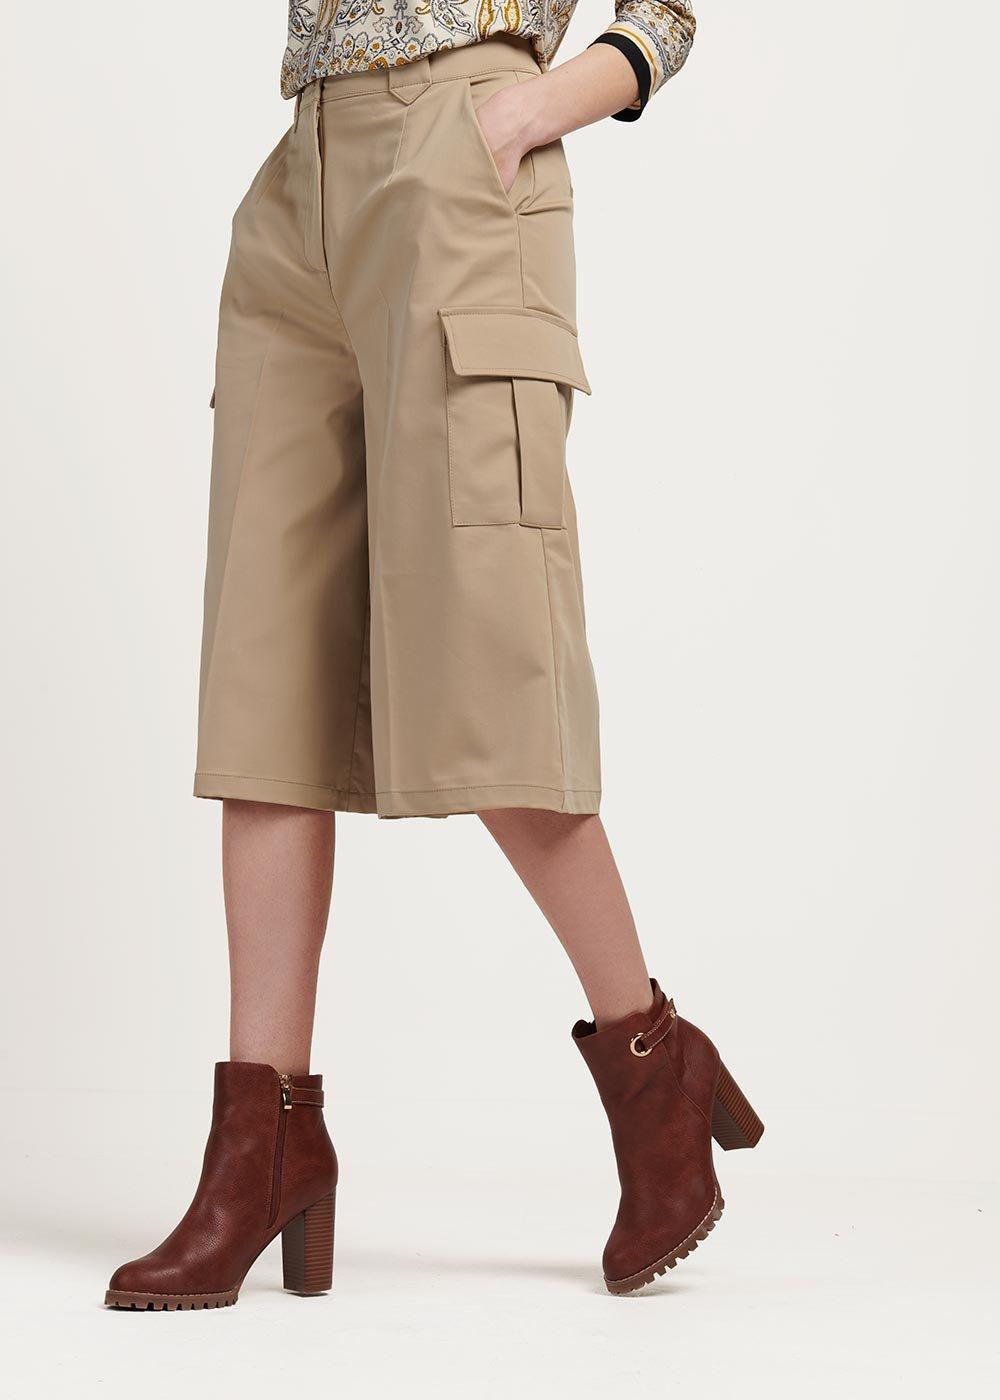 Pantalone modello Megan con tasconi laterali - Beige - Donna